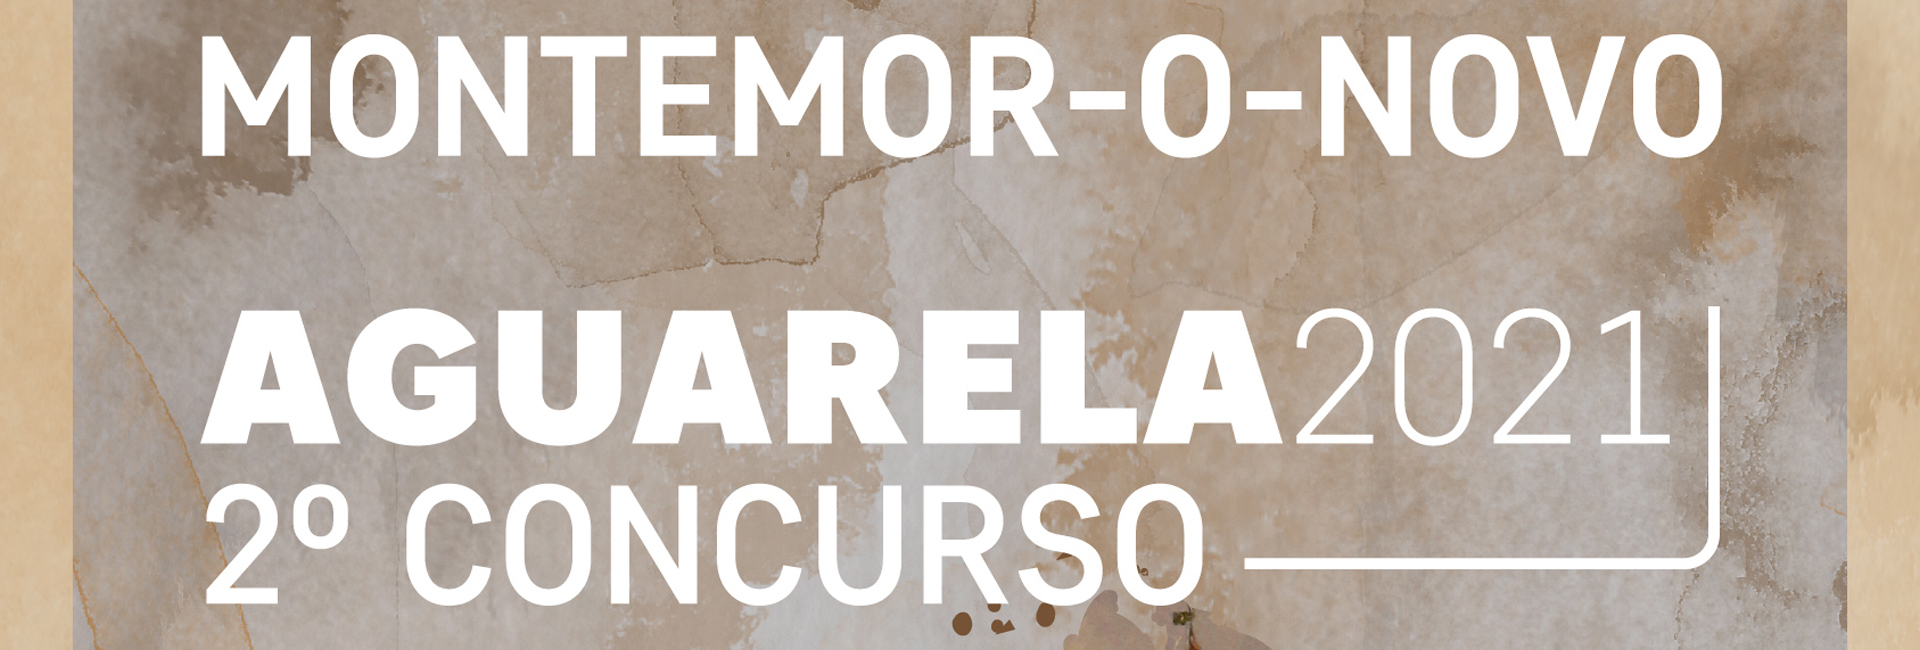 banner_aguarela